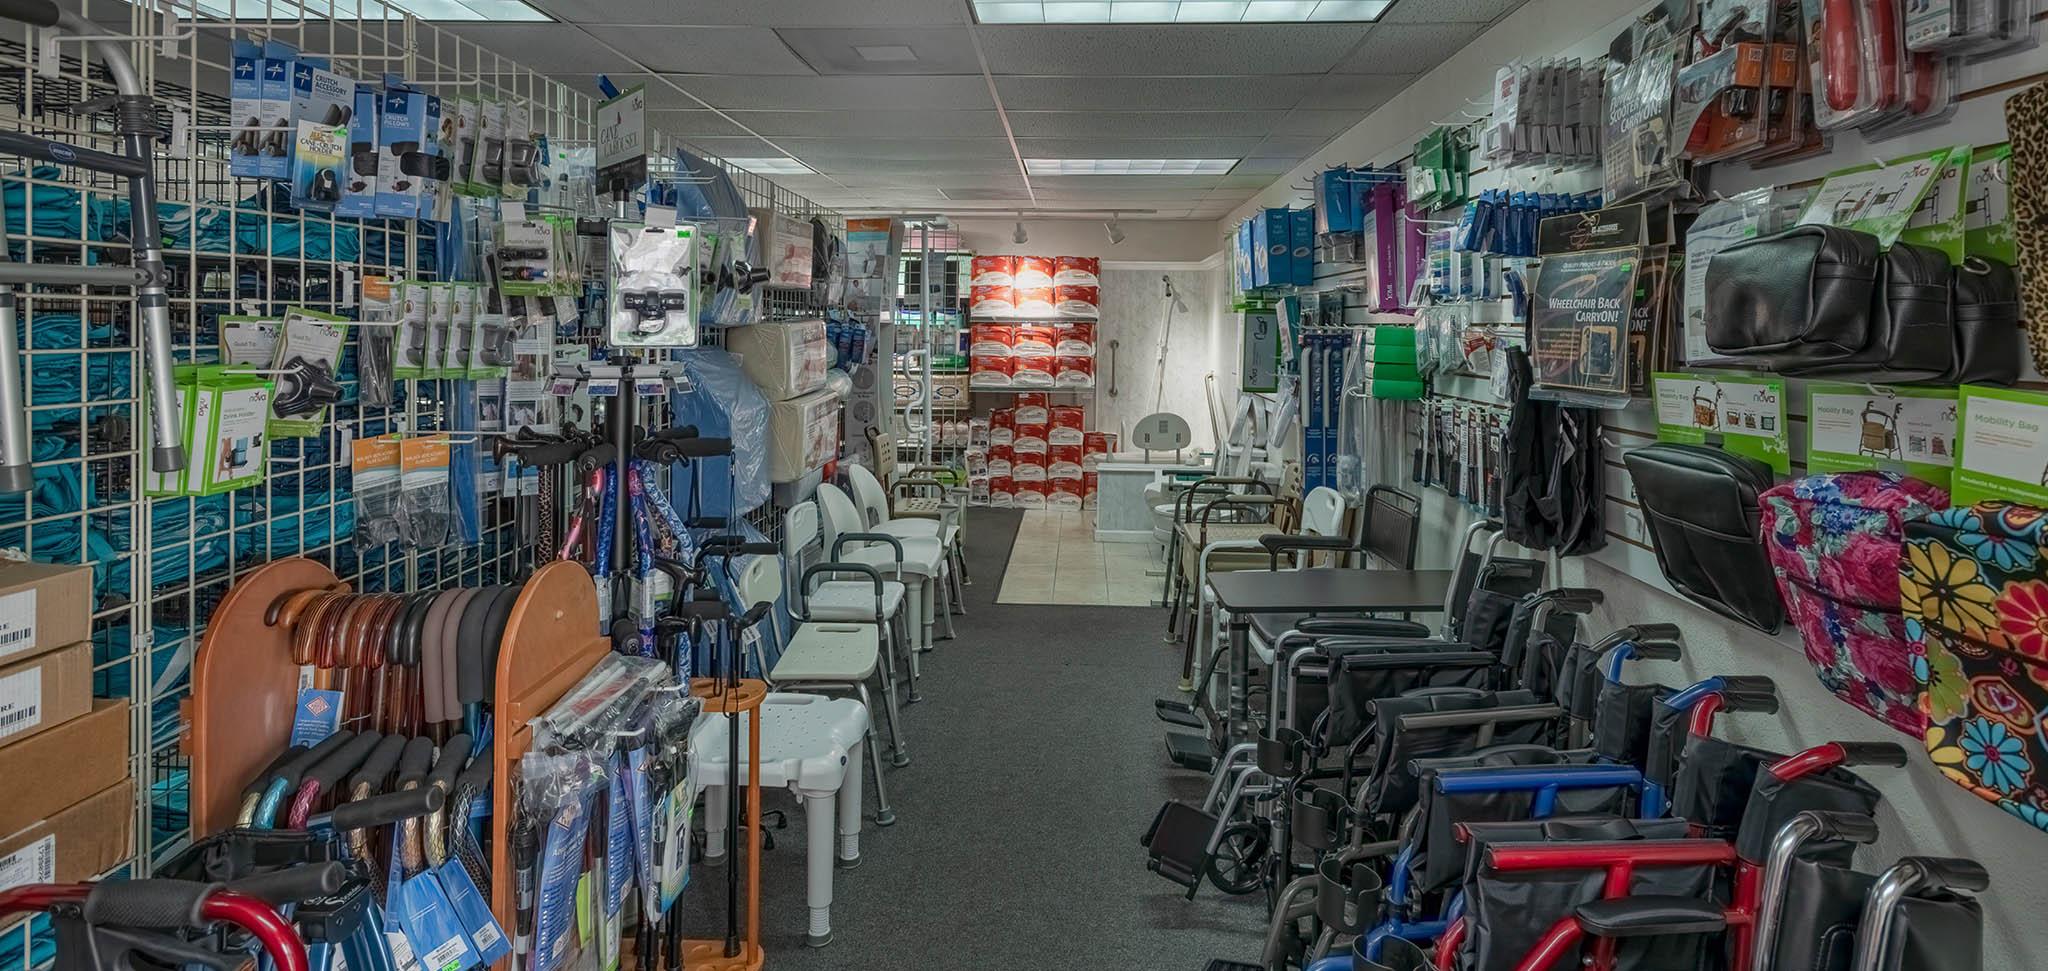 bayshore-store_0007_8